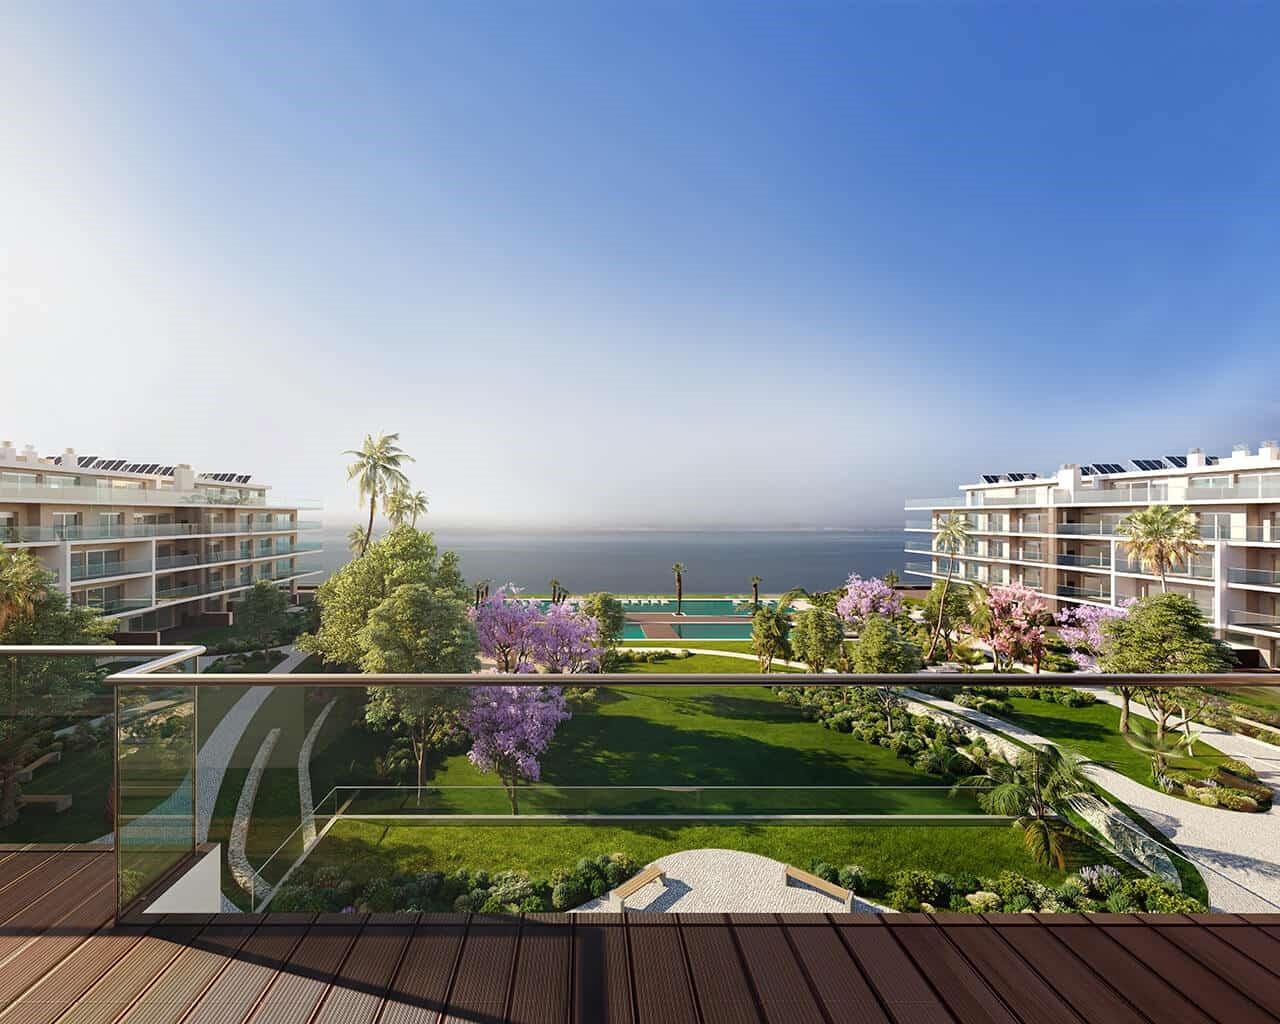 Tagus Bay - Jardim